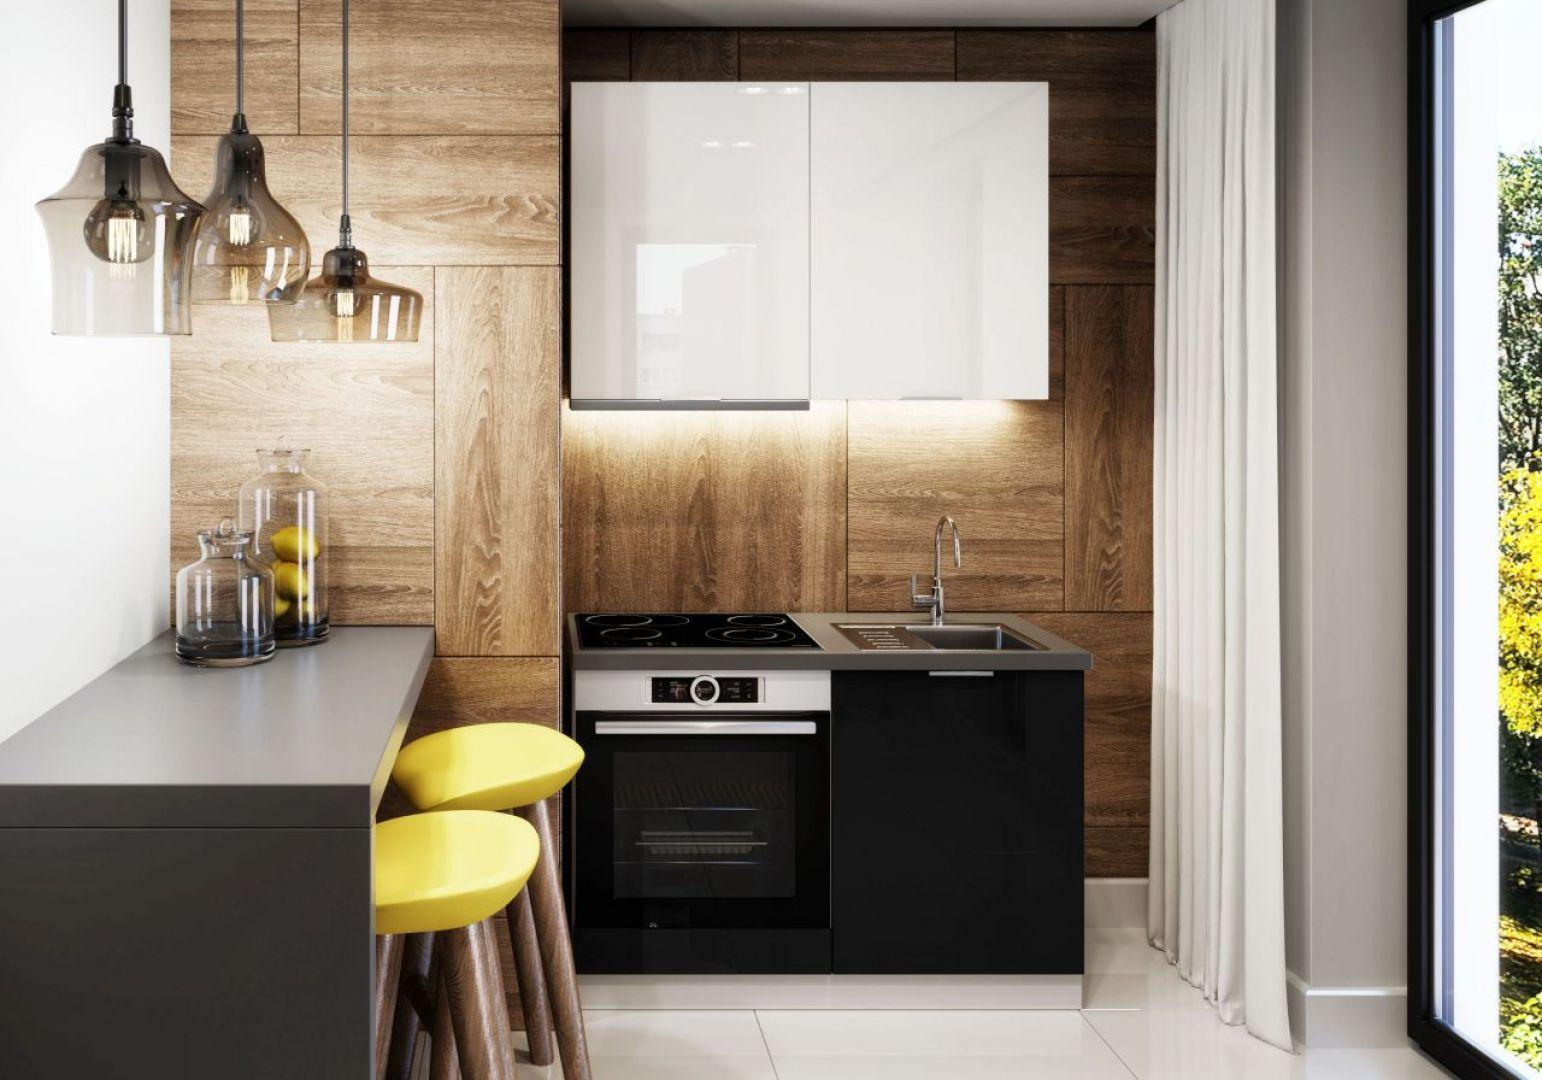 Kuchnia Akrylic to ponadczasowe połączenie czerni i bieli.